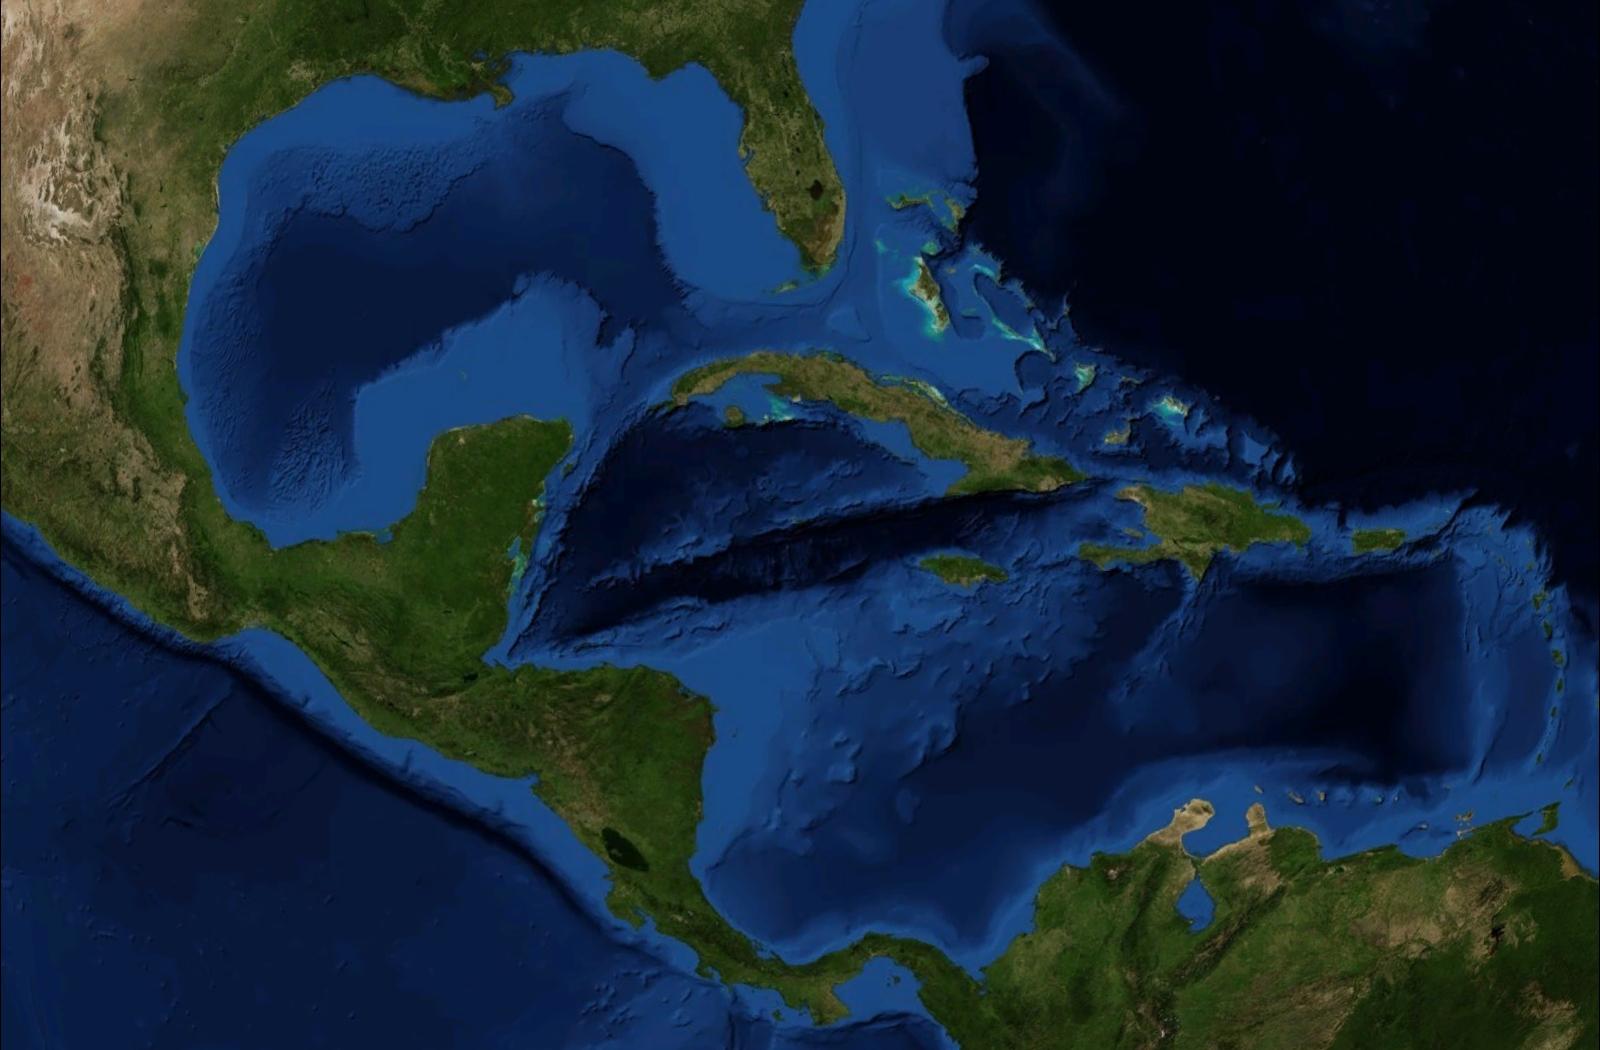 Mapa de América Central y del Caribe (satelital)